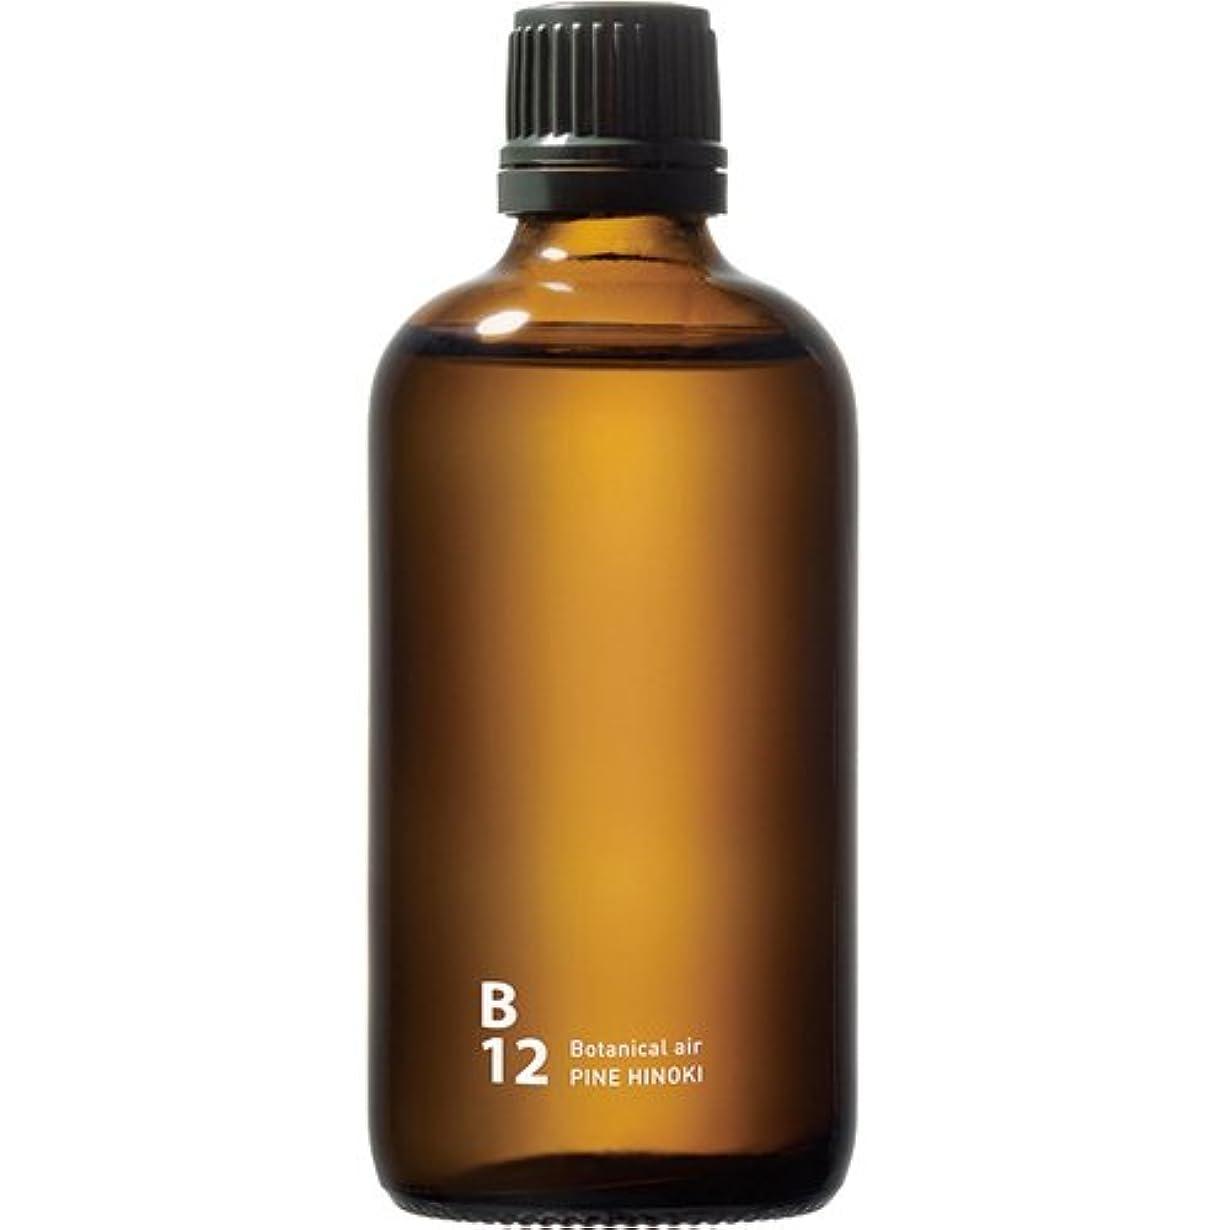 独裁ネーピア流B12 PINE HINOKI piezo aroma oil 100ml